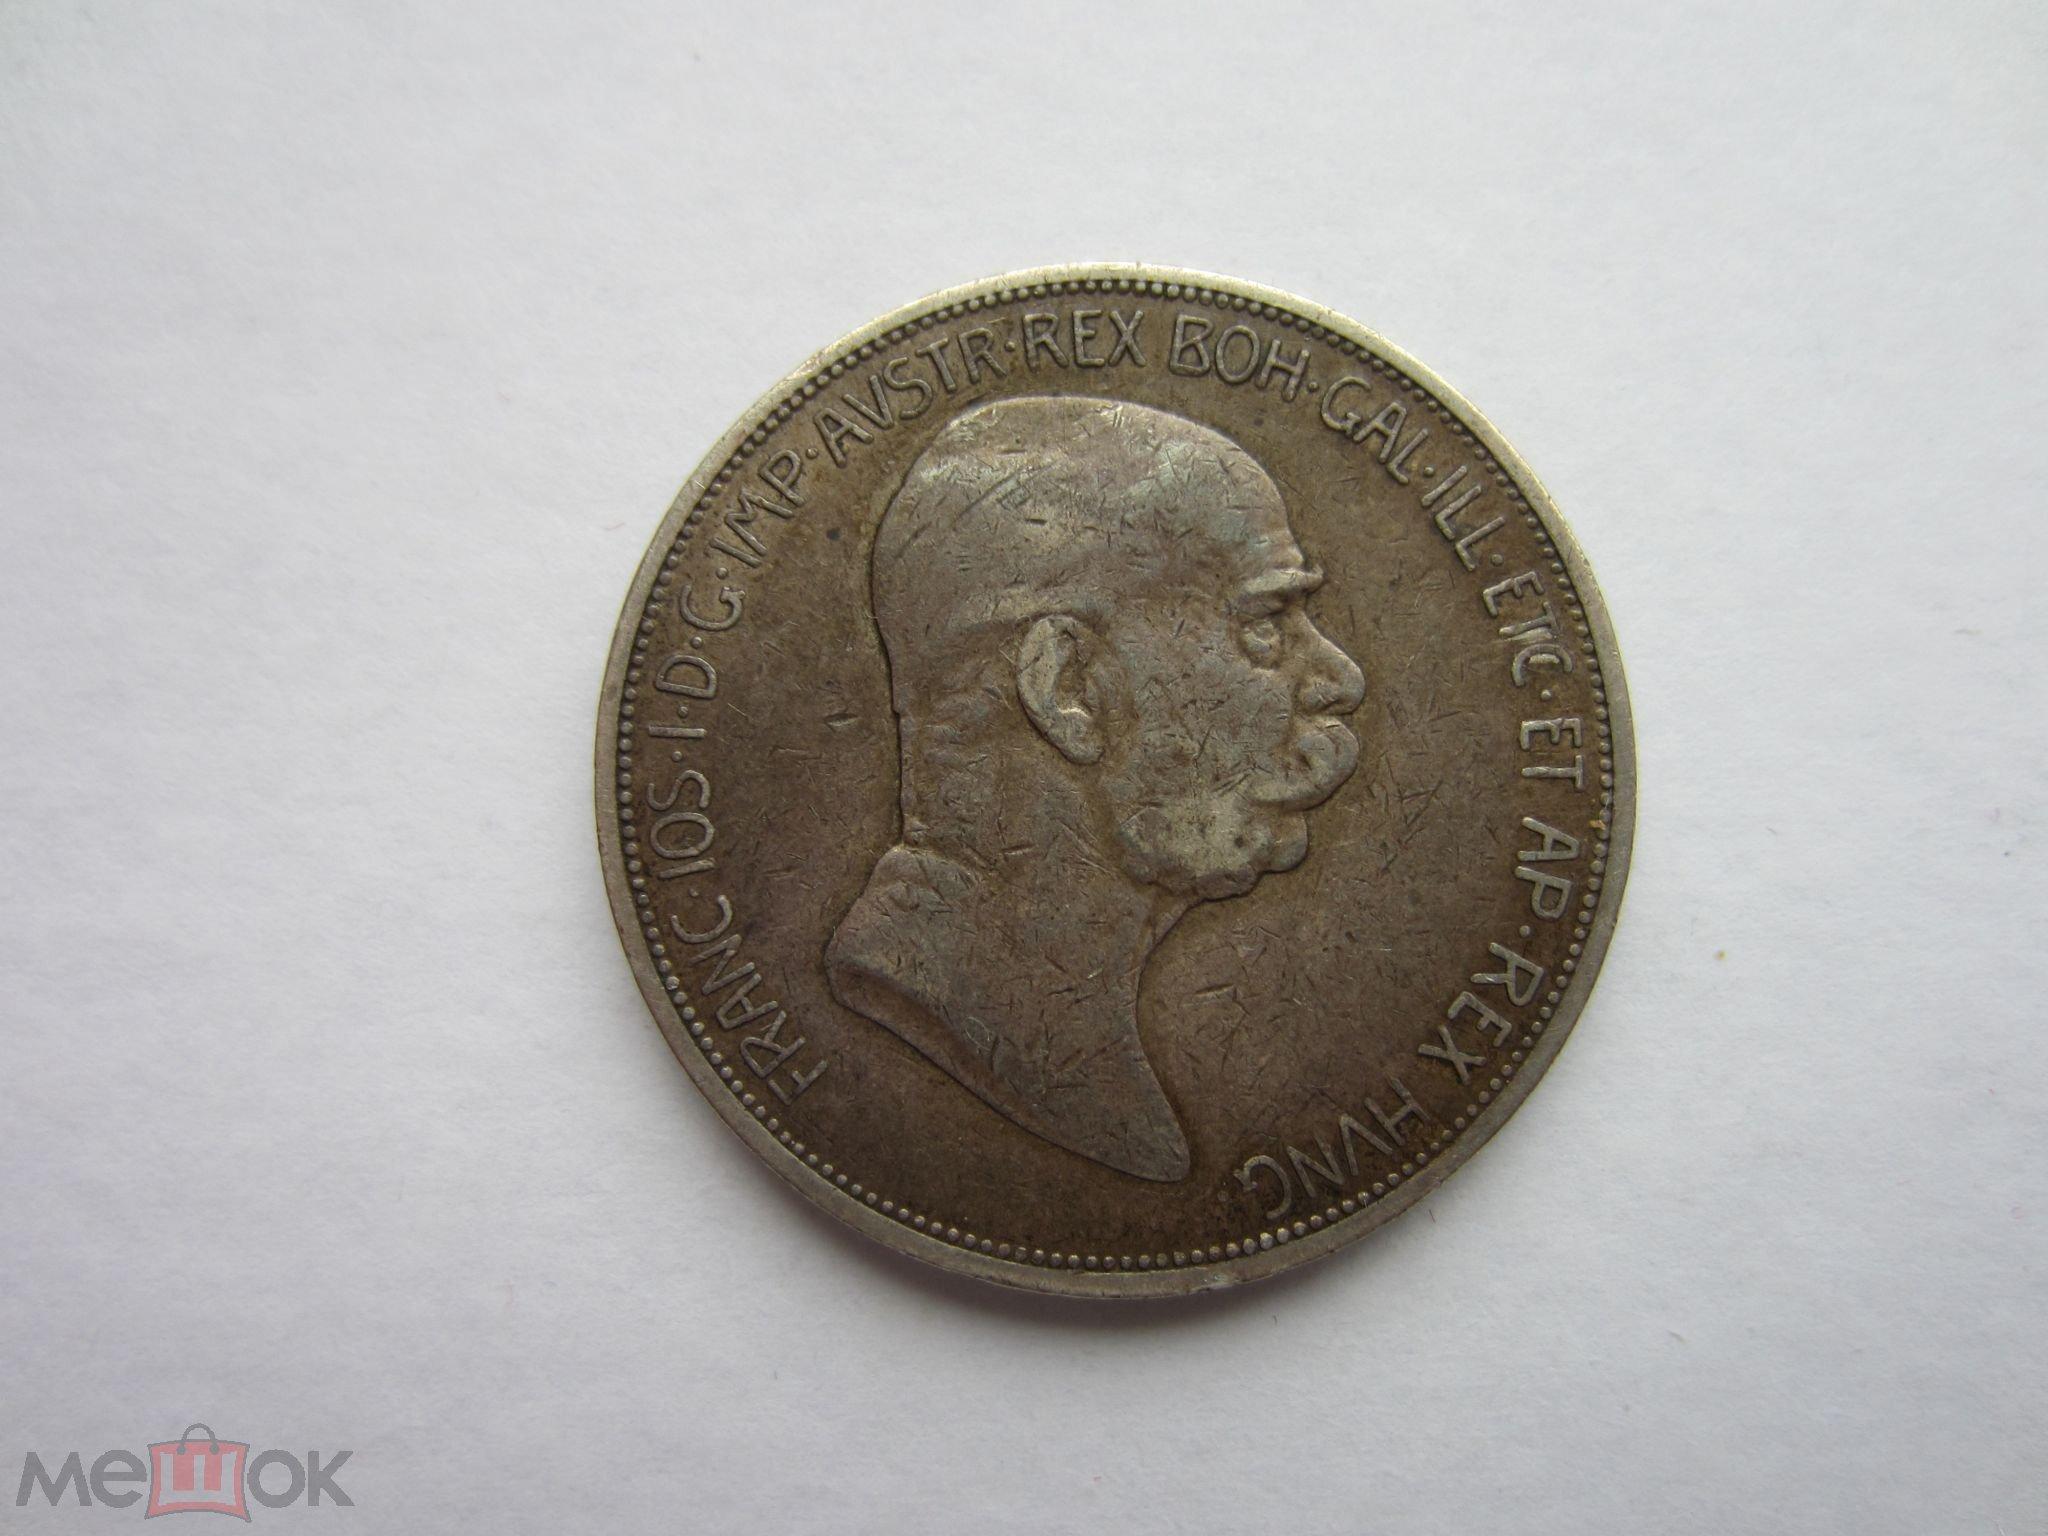 Австрия  5 крон 1909 Франц - Иосиф серебро  № 1584